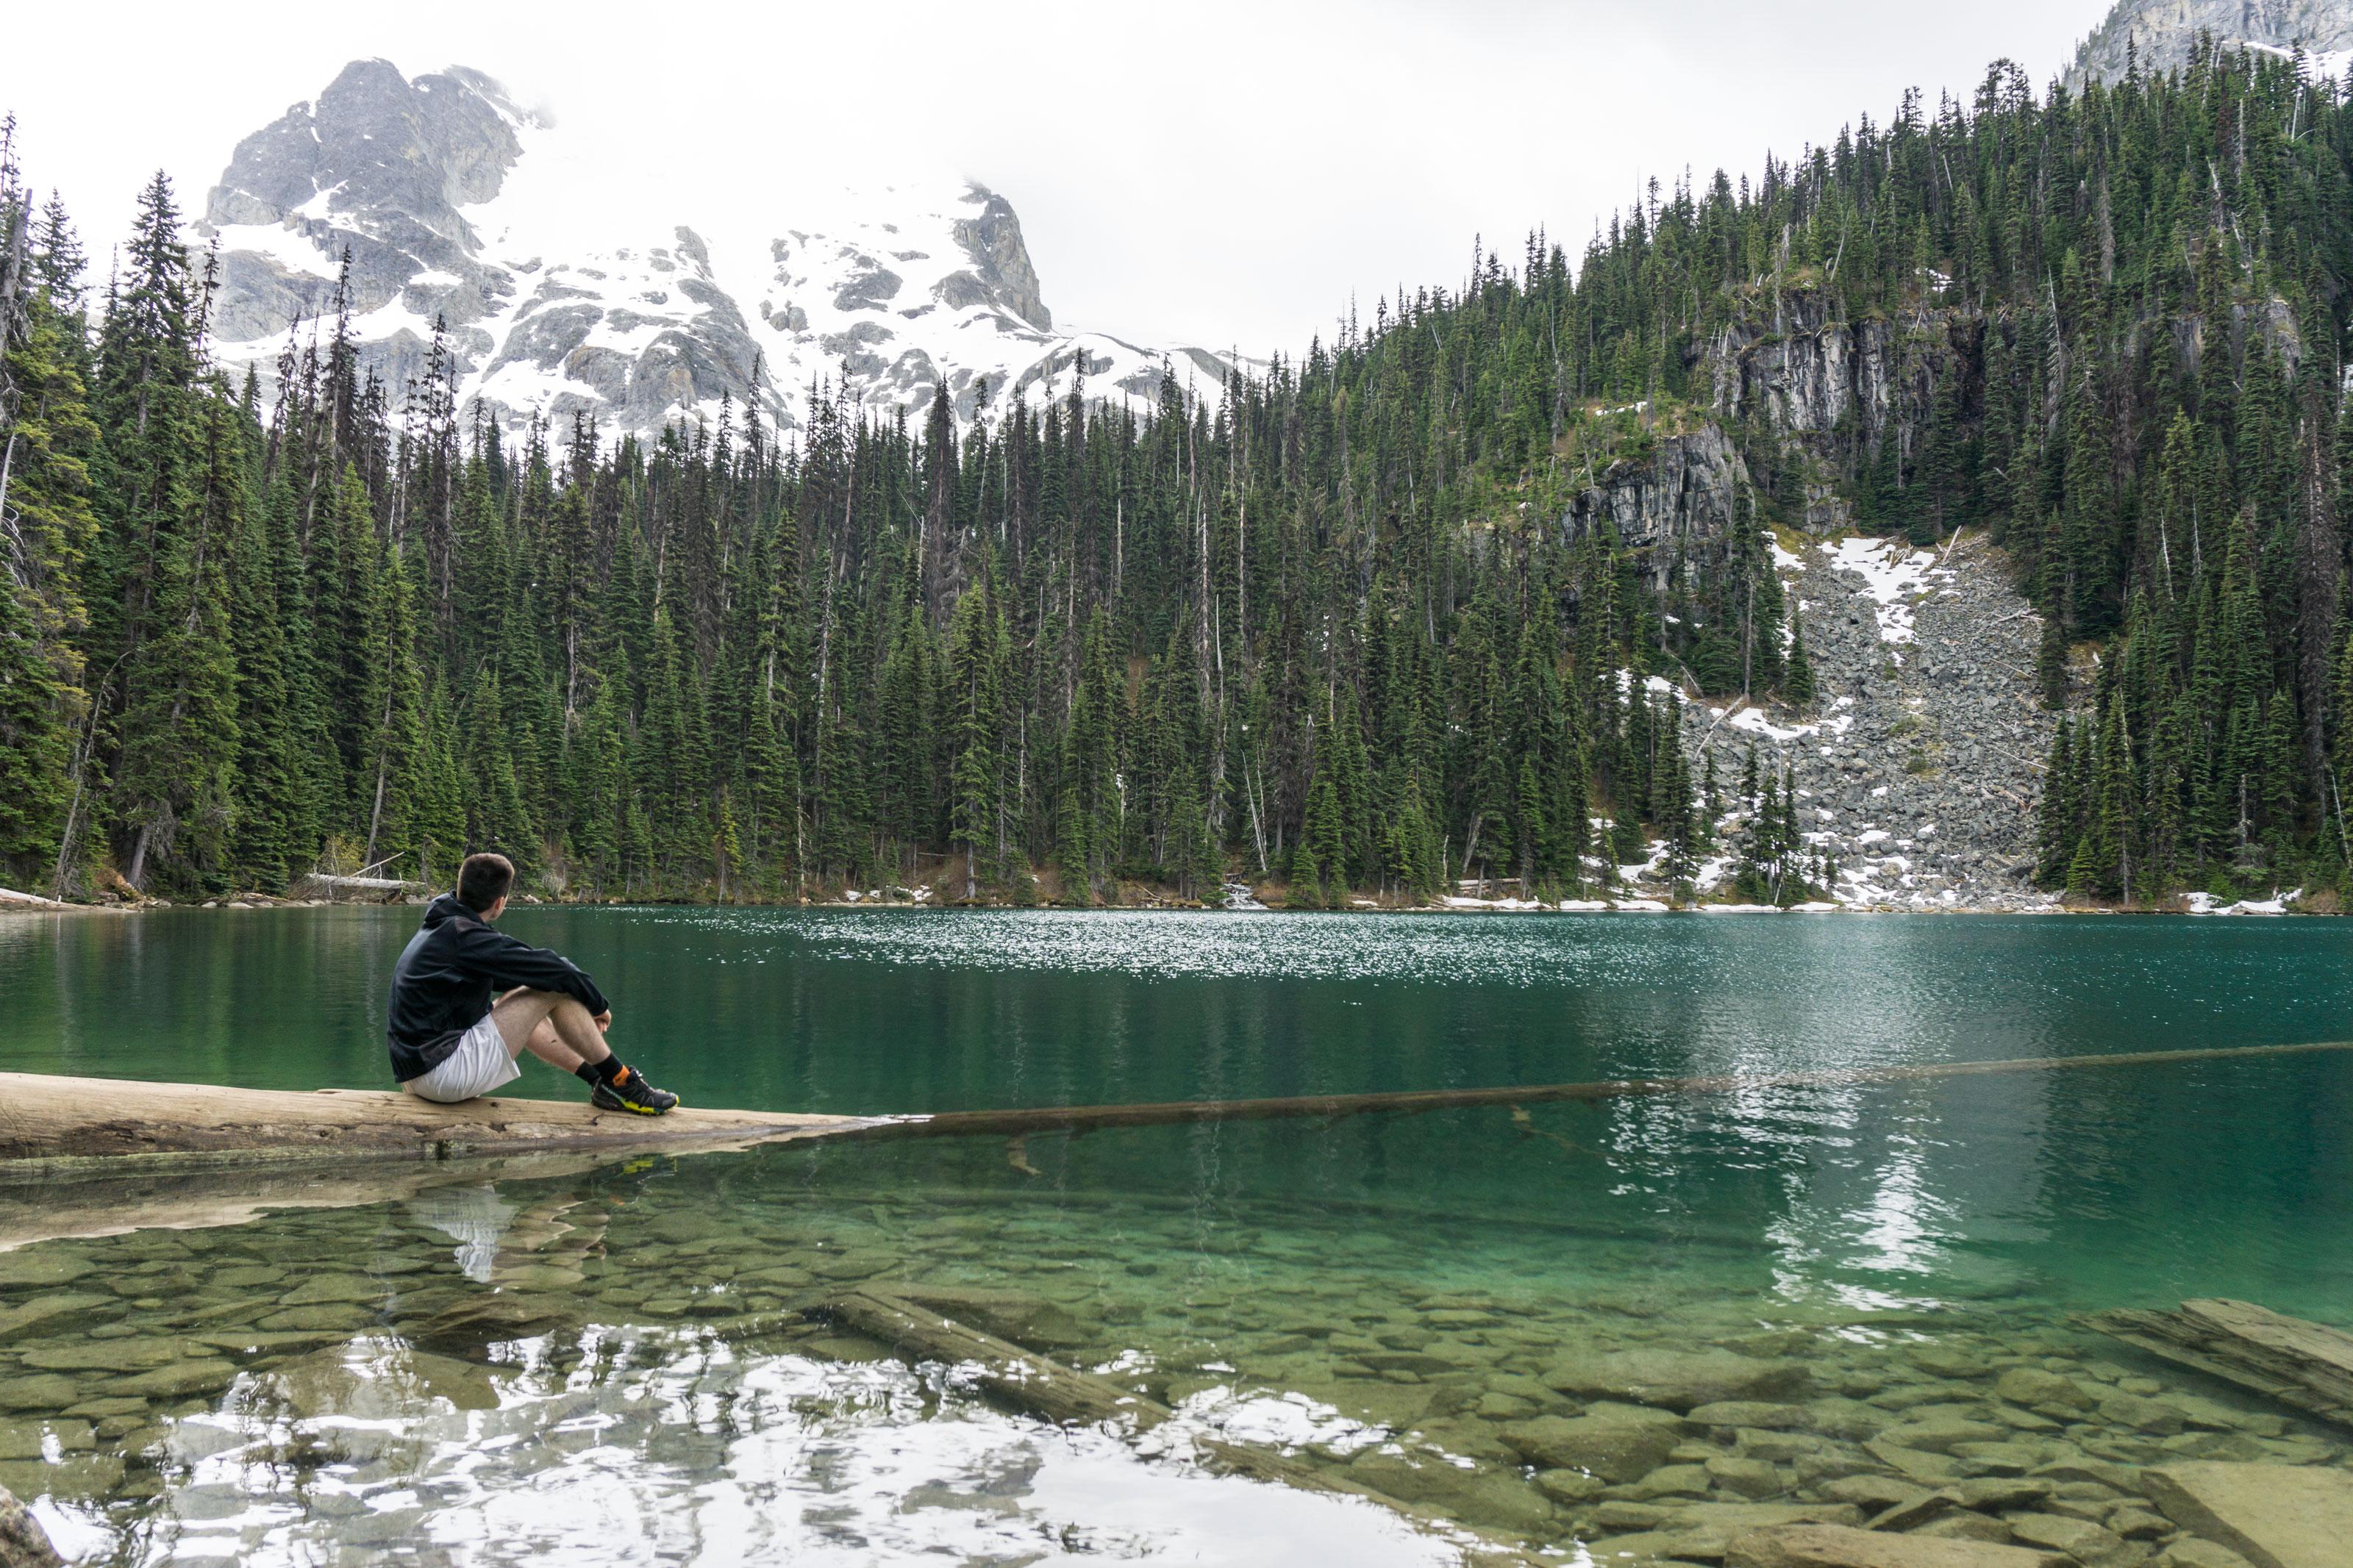 Kolem magických Joffre Lakes pod horské štíty a ledovce